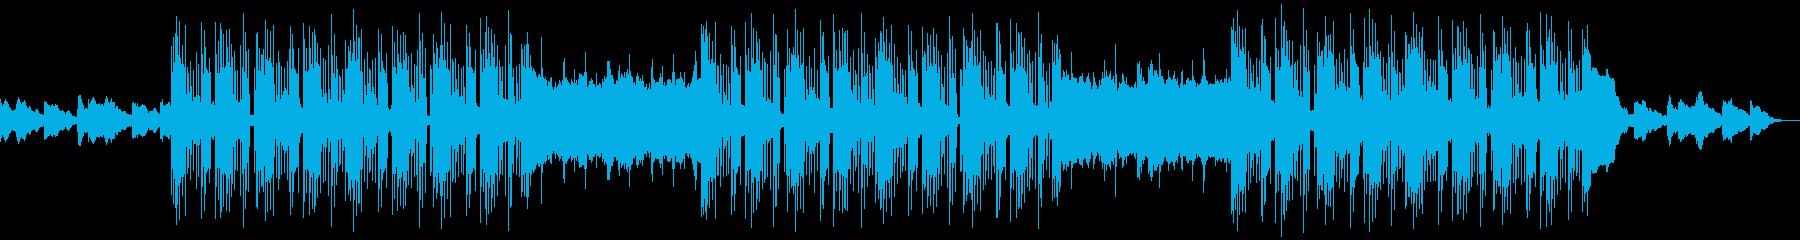 エレピ 切ない R&Bの再生済みの波形